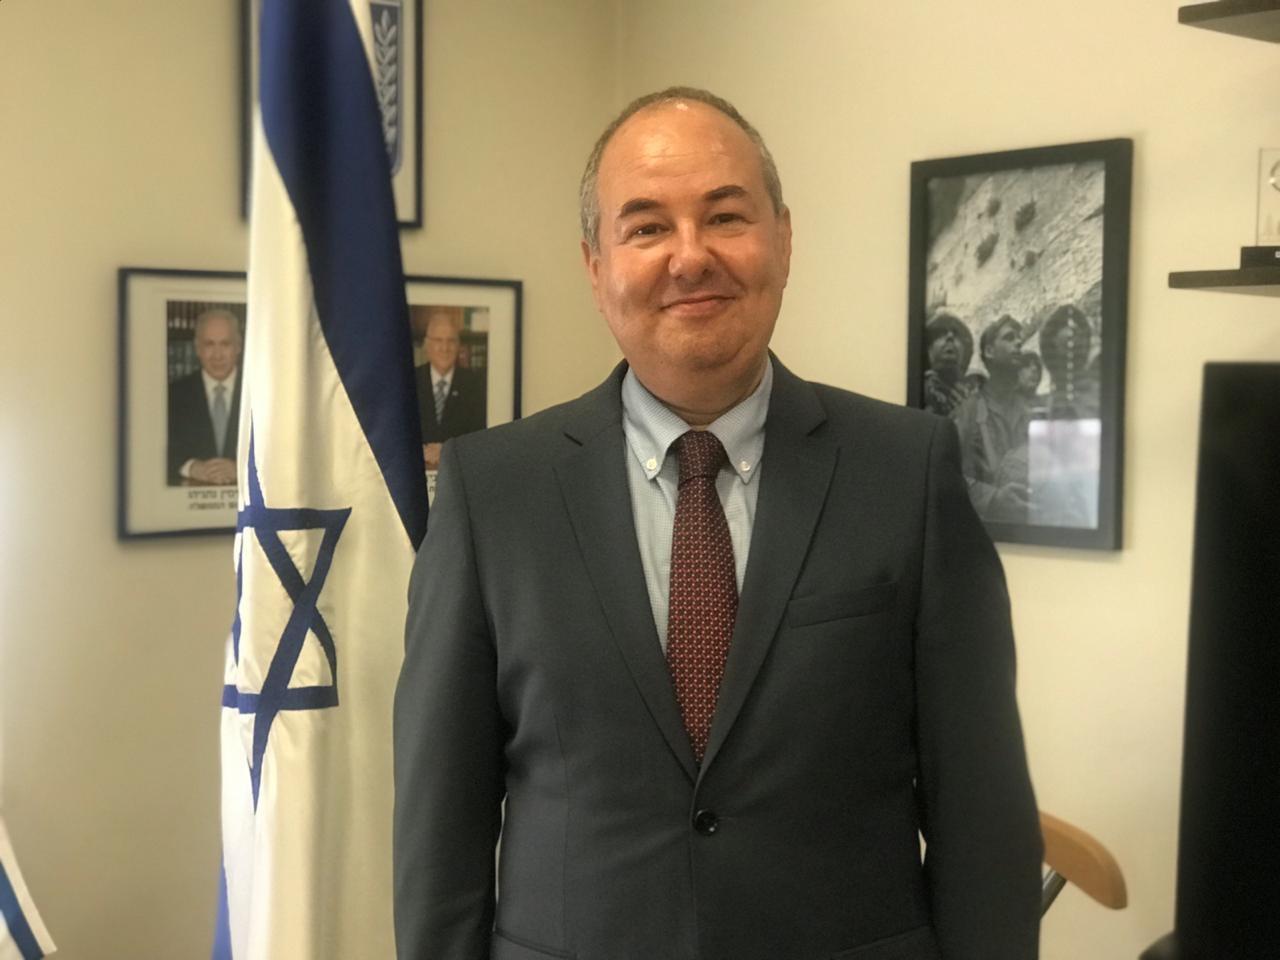 El anuncio del acuerdo entre Israel y los Emiratos Árabes Unidos es un suceso histórico, que se suma a los acuerdos de paz vigentes con Egipto y Jordania